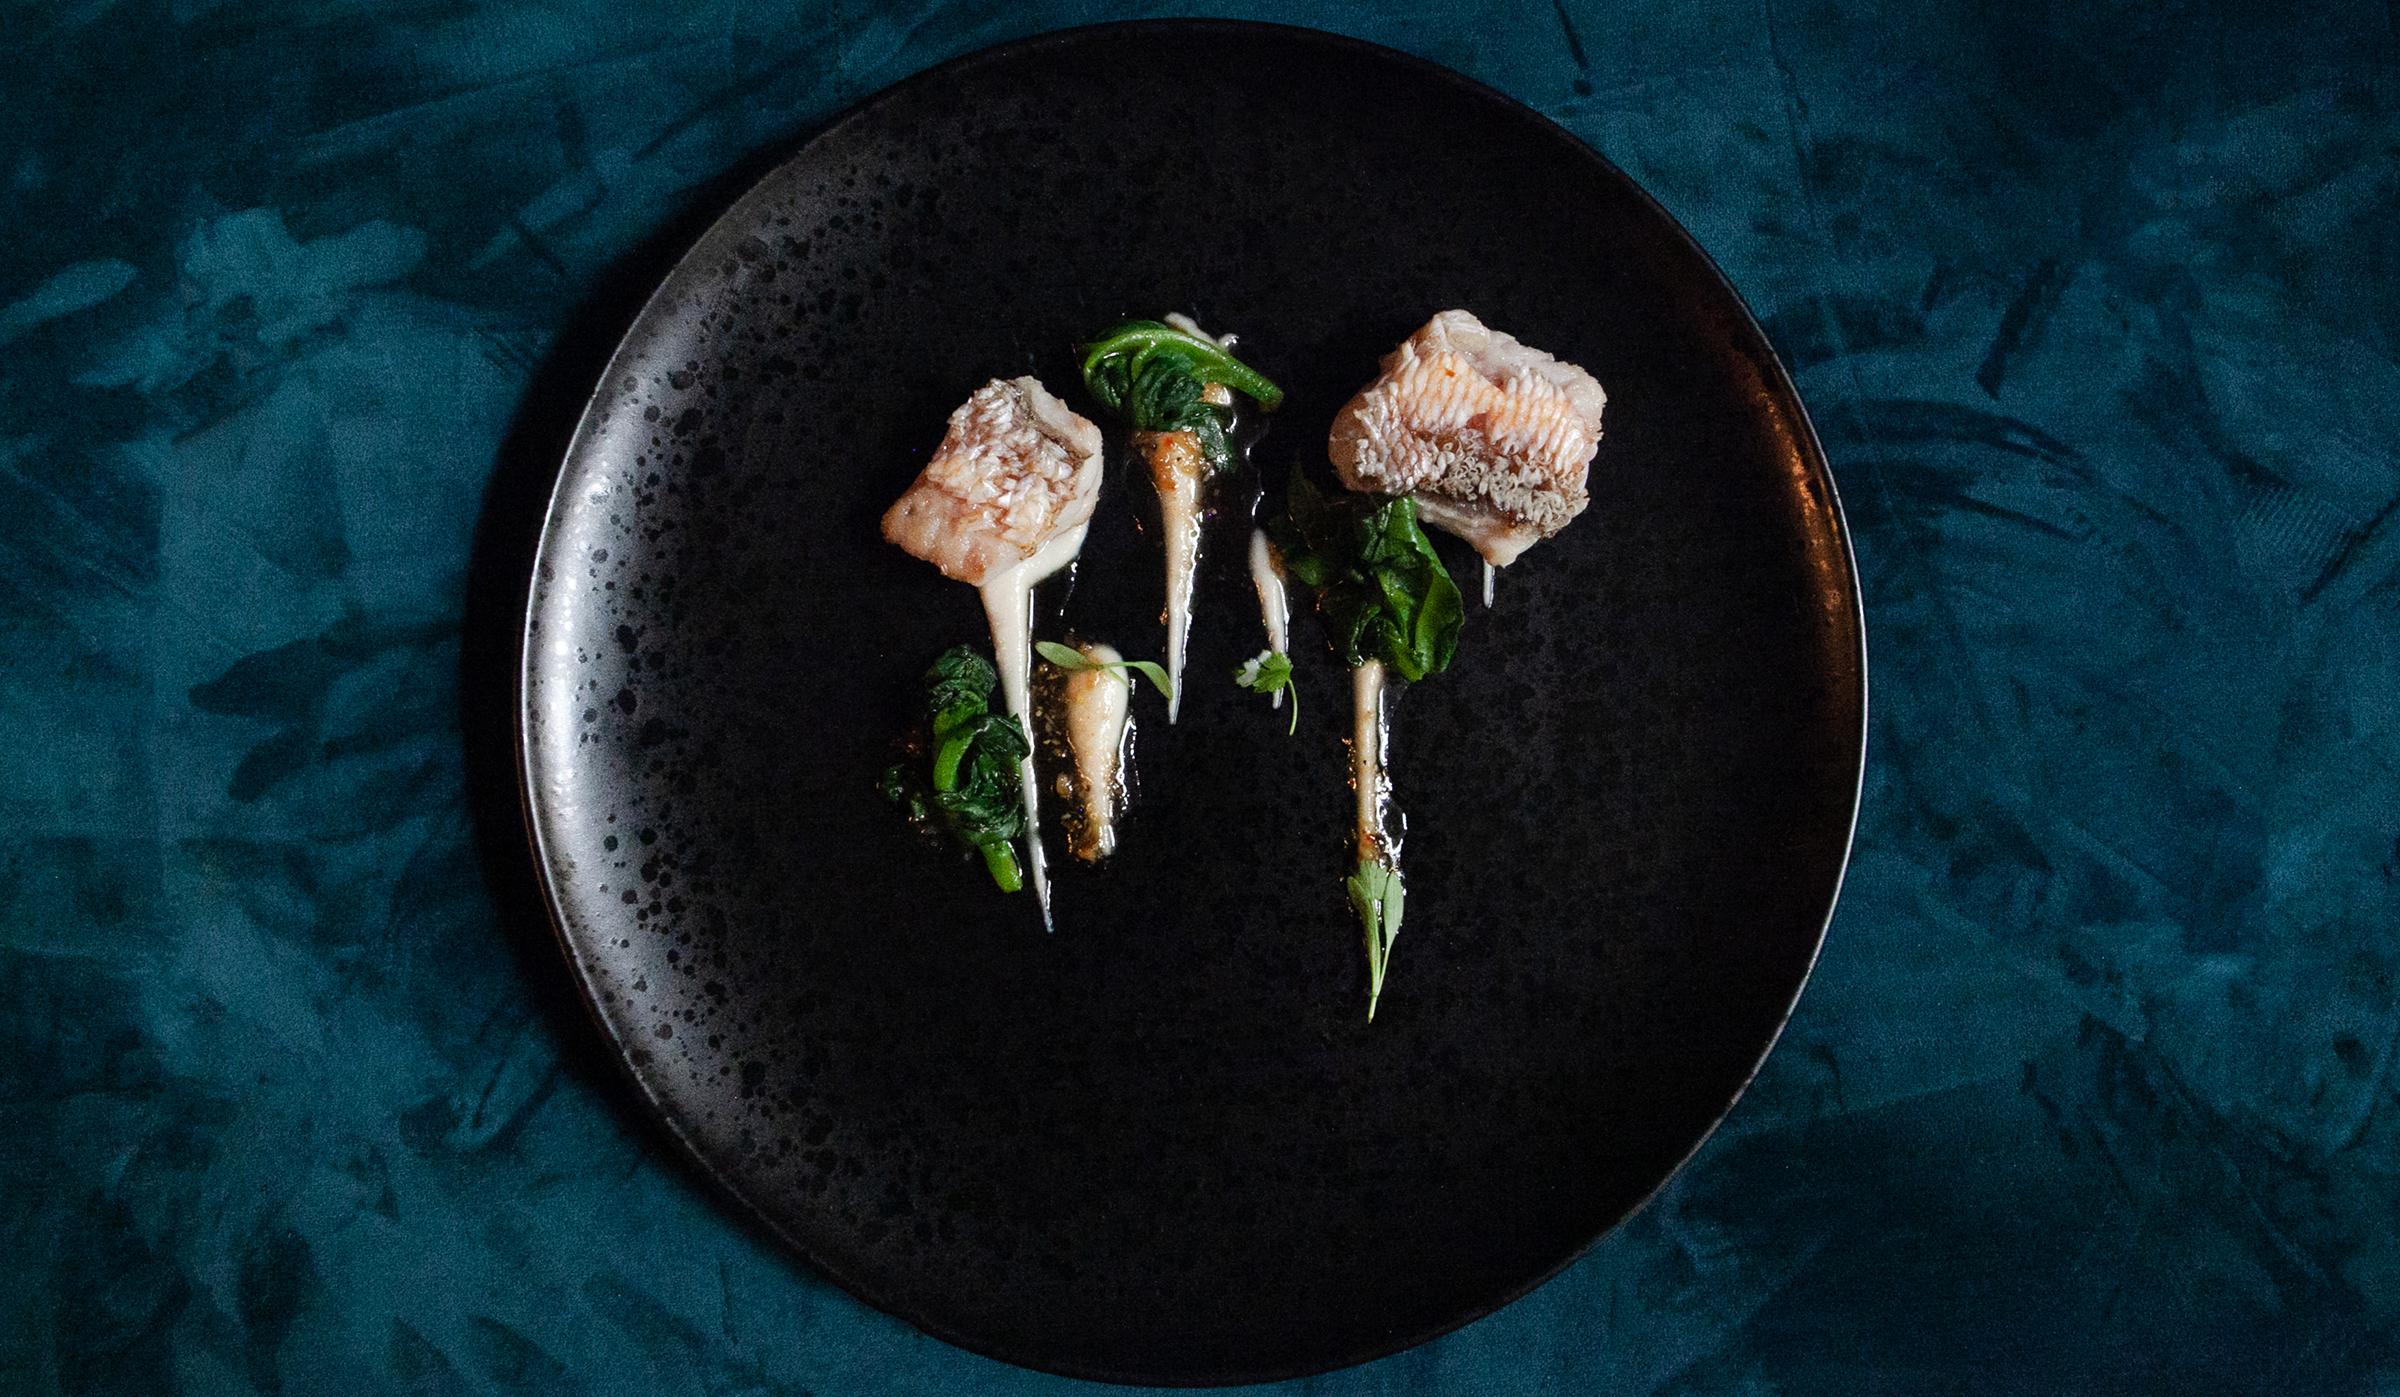 Da Lat Rose Crustacean tasting menu Beverly Hills